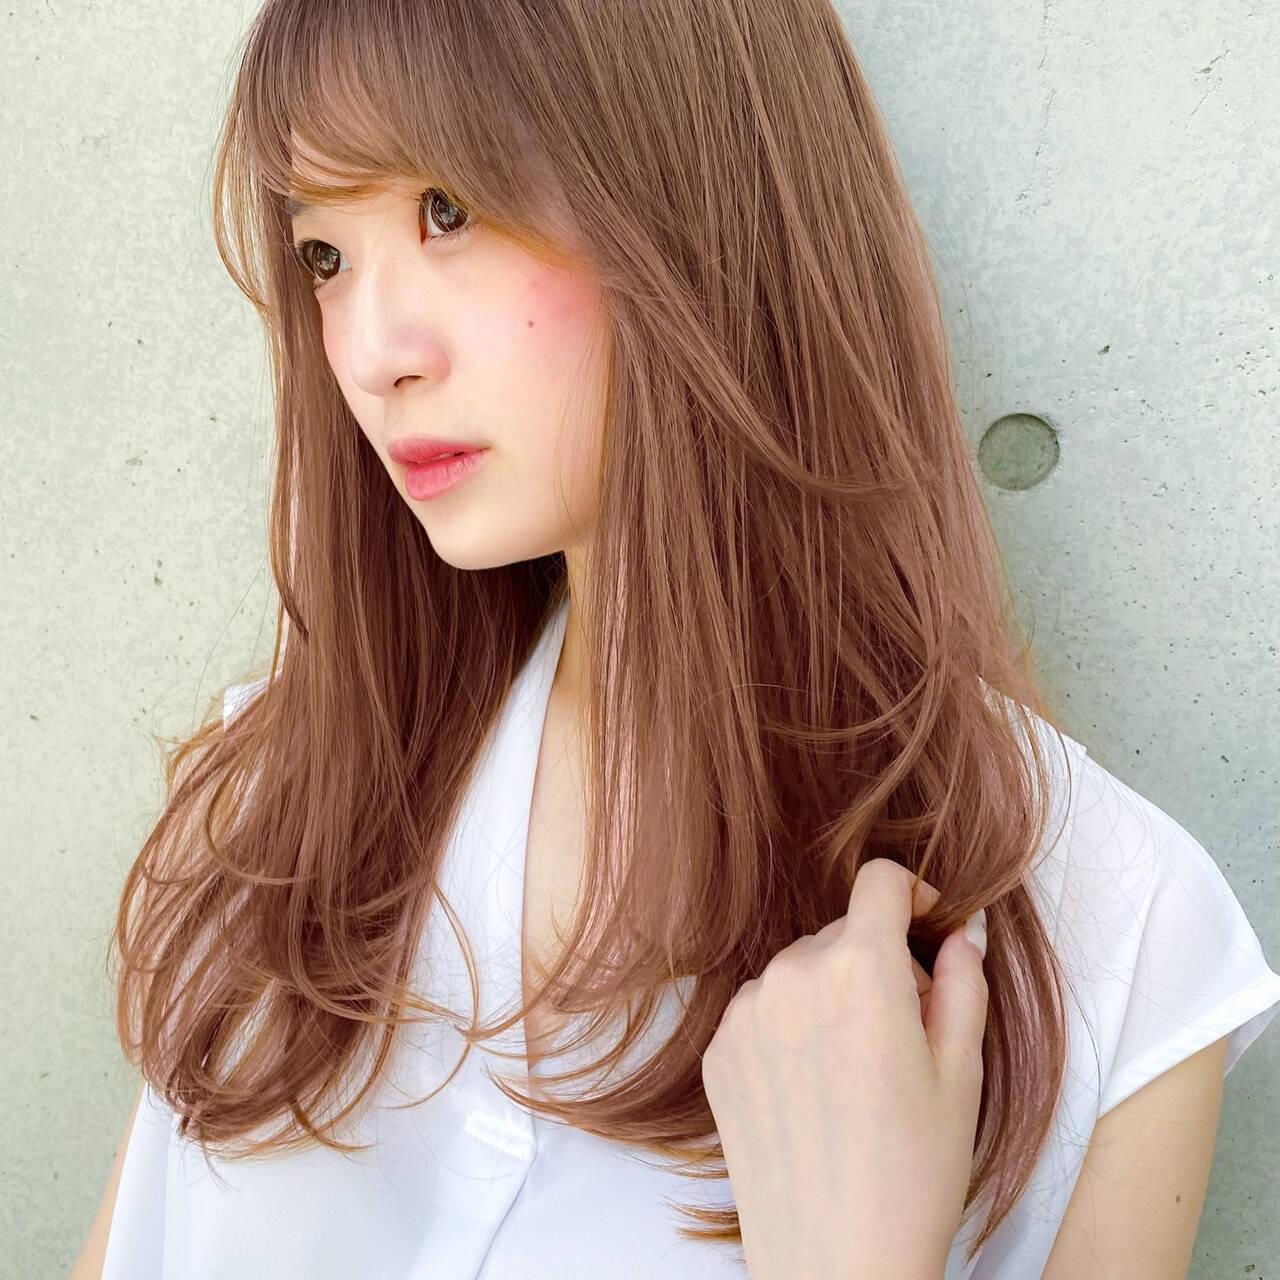 デジタルパーマ ロング 大人可愛い レイヤースタイルヘアスタイルや髪型の写真・画像